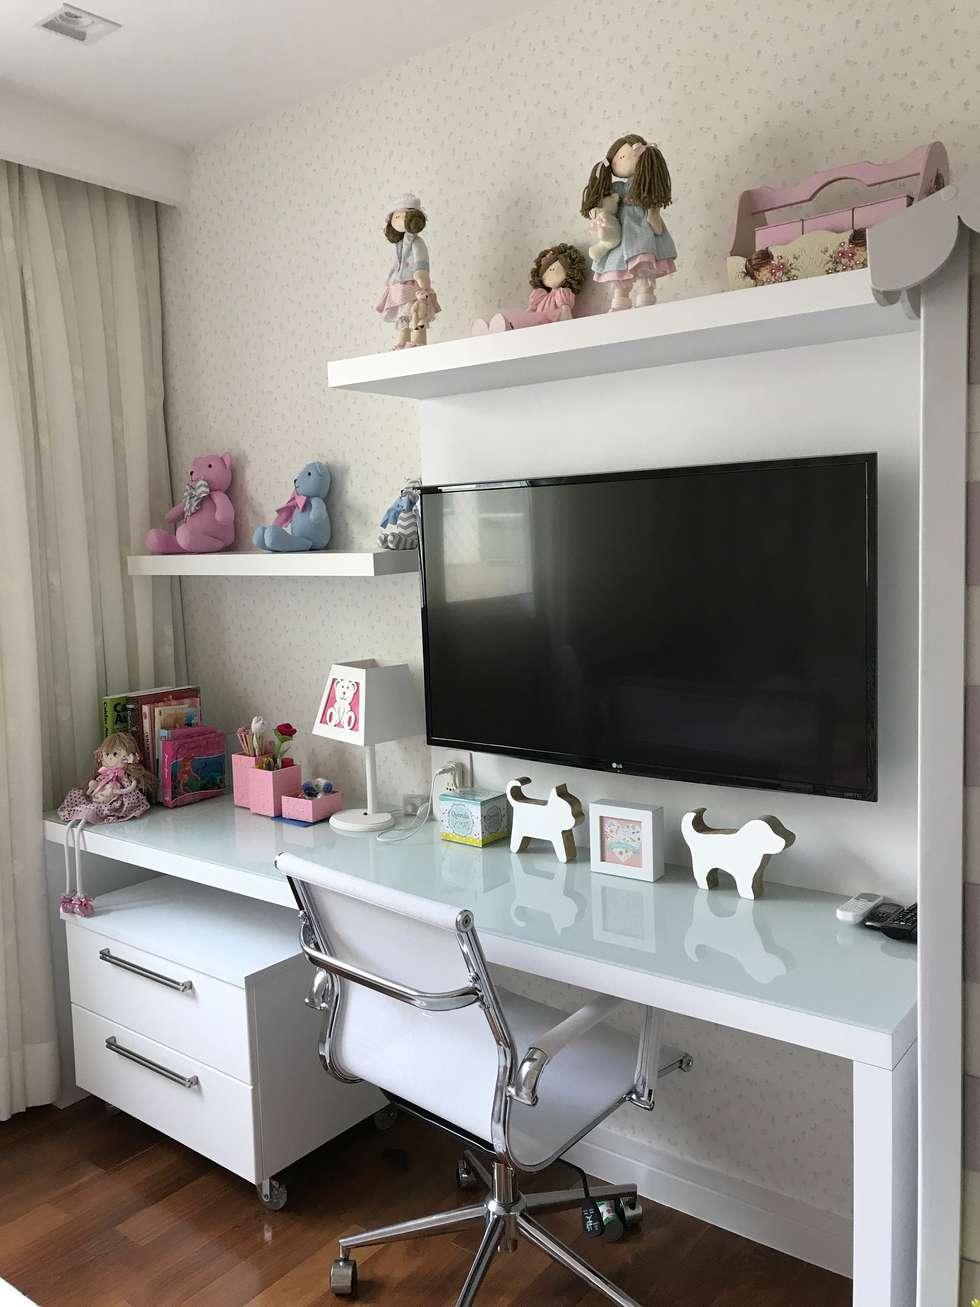 Fotos de decoraç u00e3o, design de interiores e reformas ho # Decoração De Quarto Infantil Masculino E Feminino Juntos